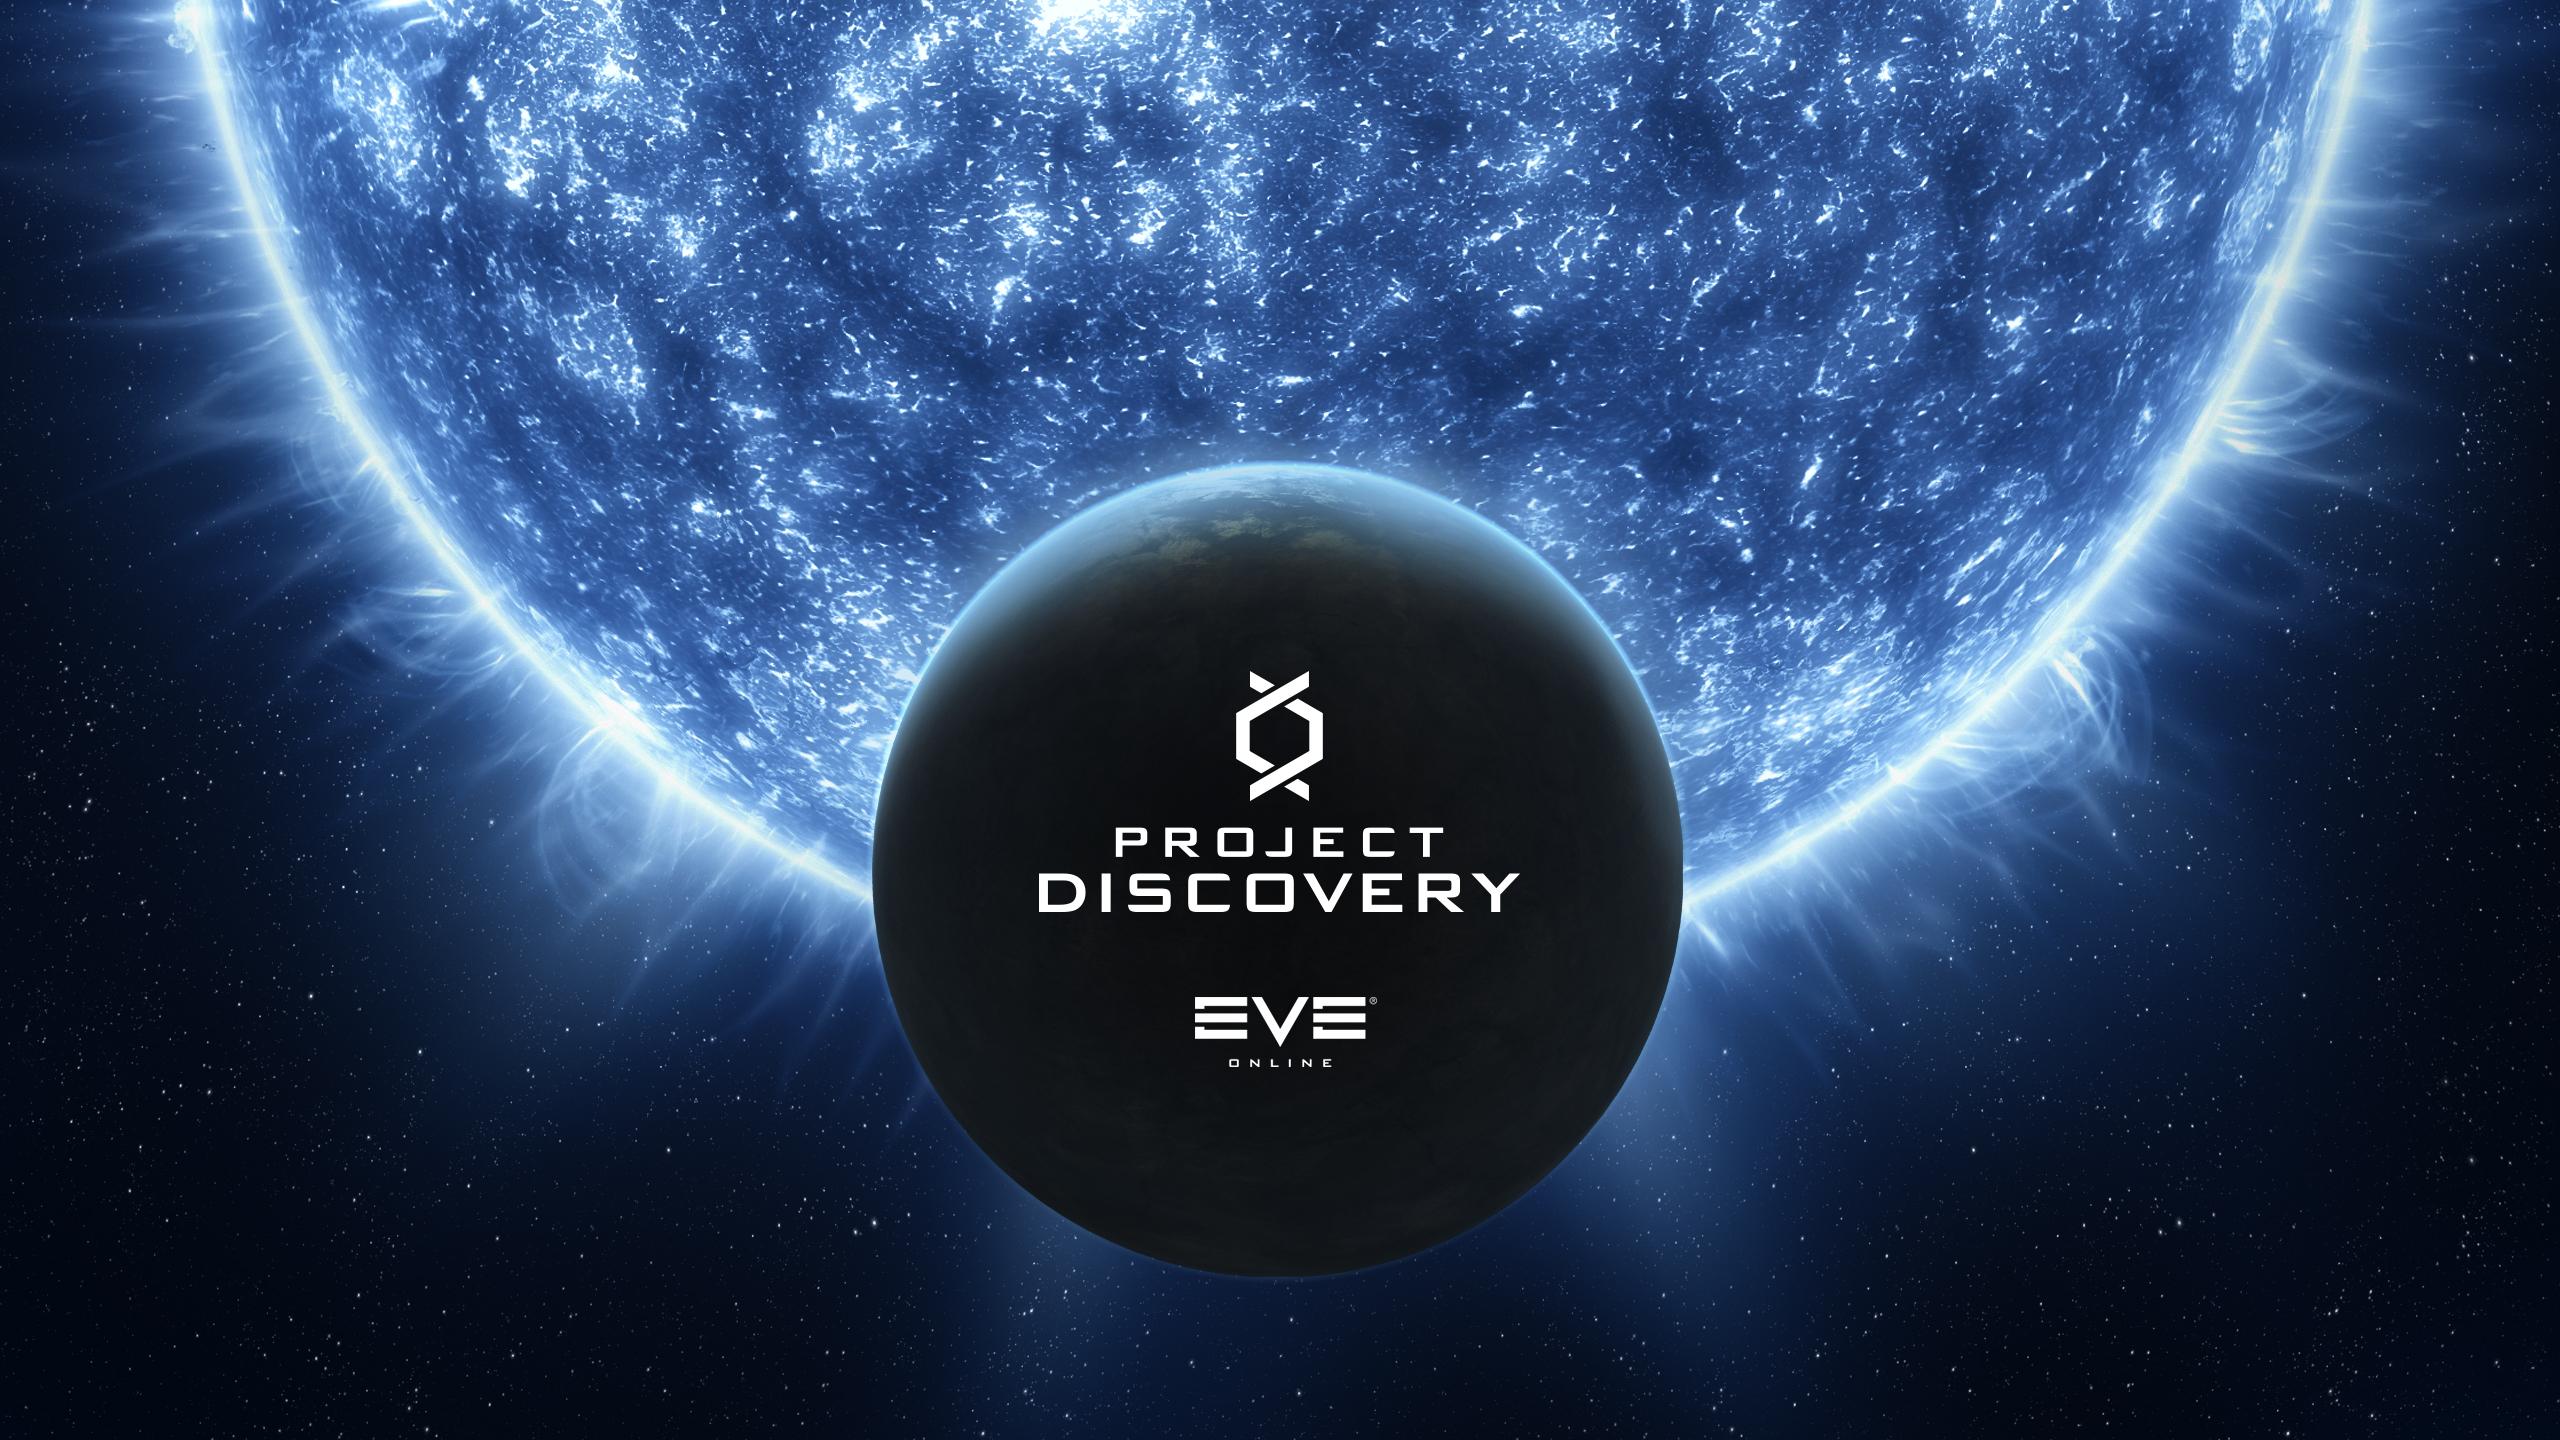 Med den siste oppdateringen av EVE Online kan du jakte på ekte planeter i Project Discovery.